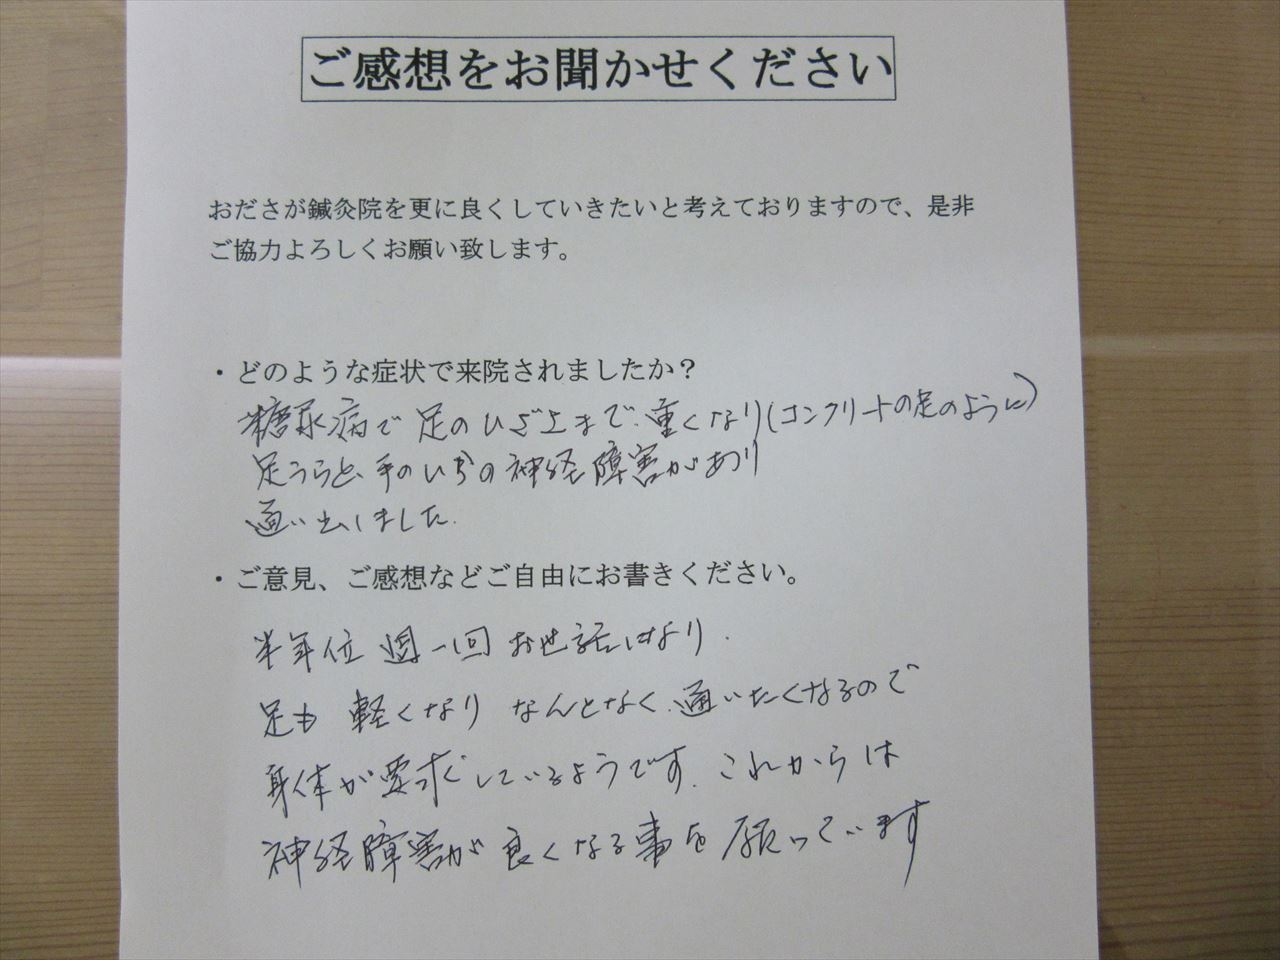 患者からの 手書手紙 販売員 糖尿病による神経障害